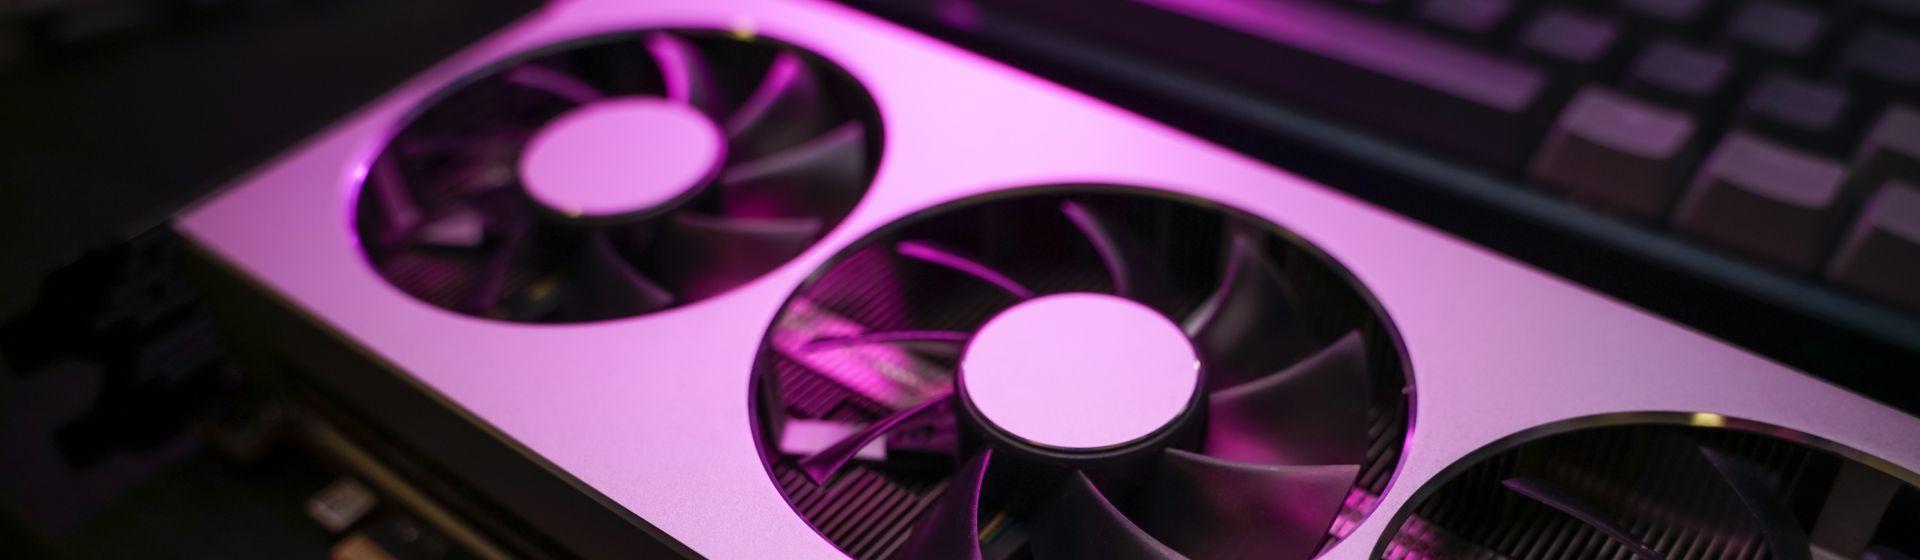 Como testar placa de vídeo? Dicas para você avaliar sua GPU